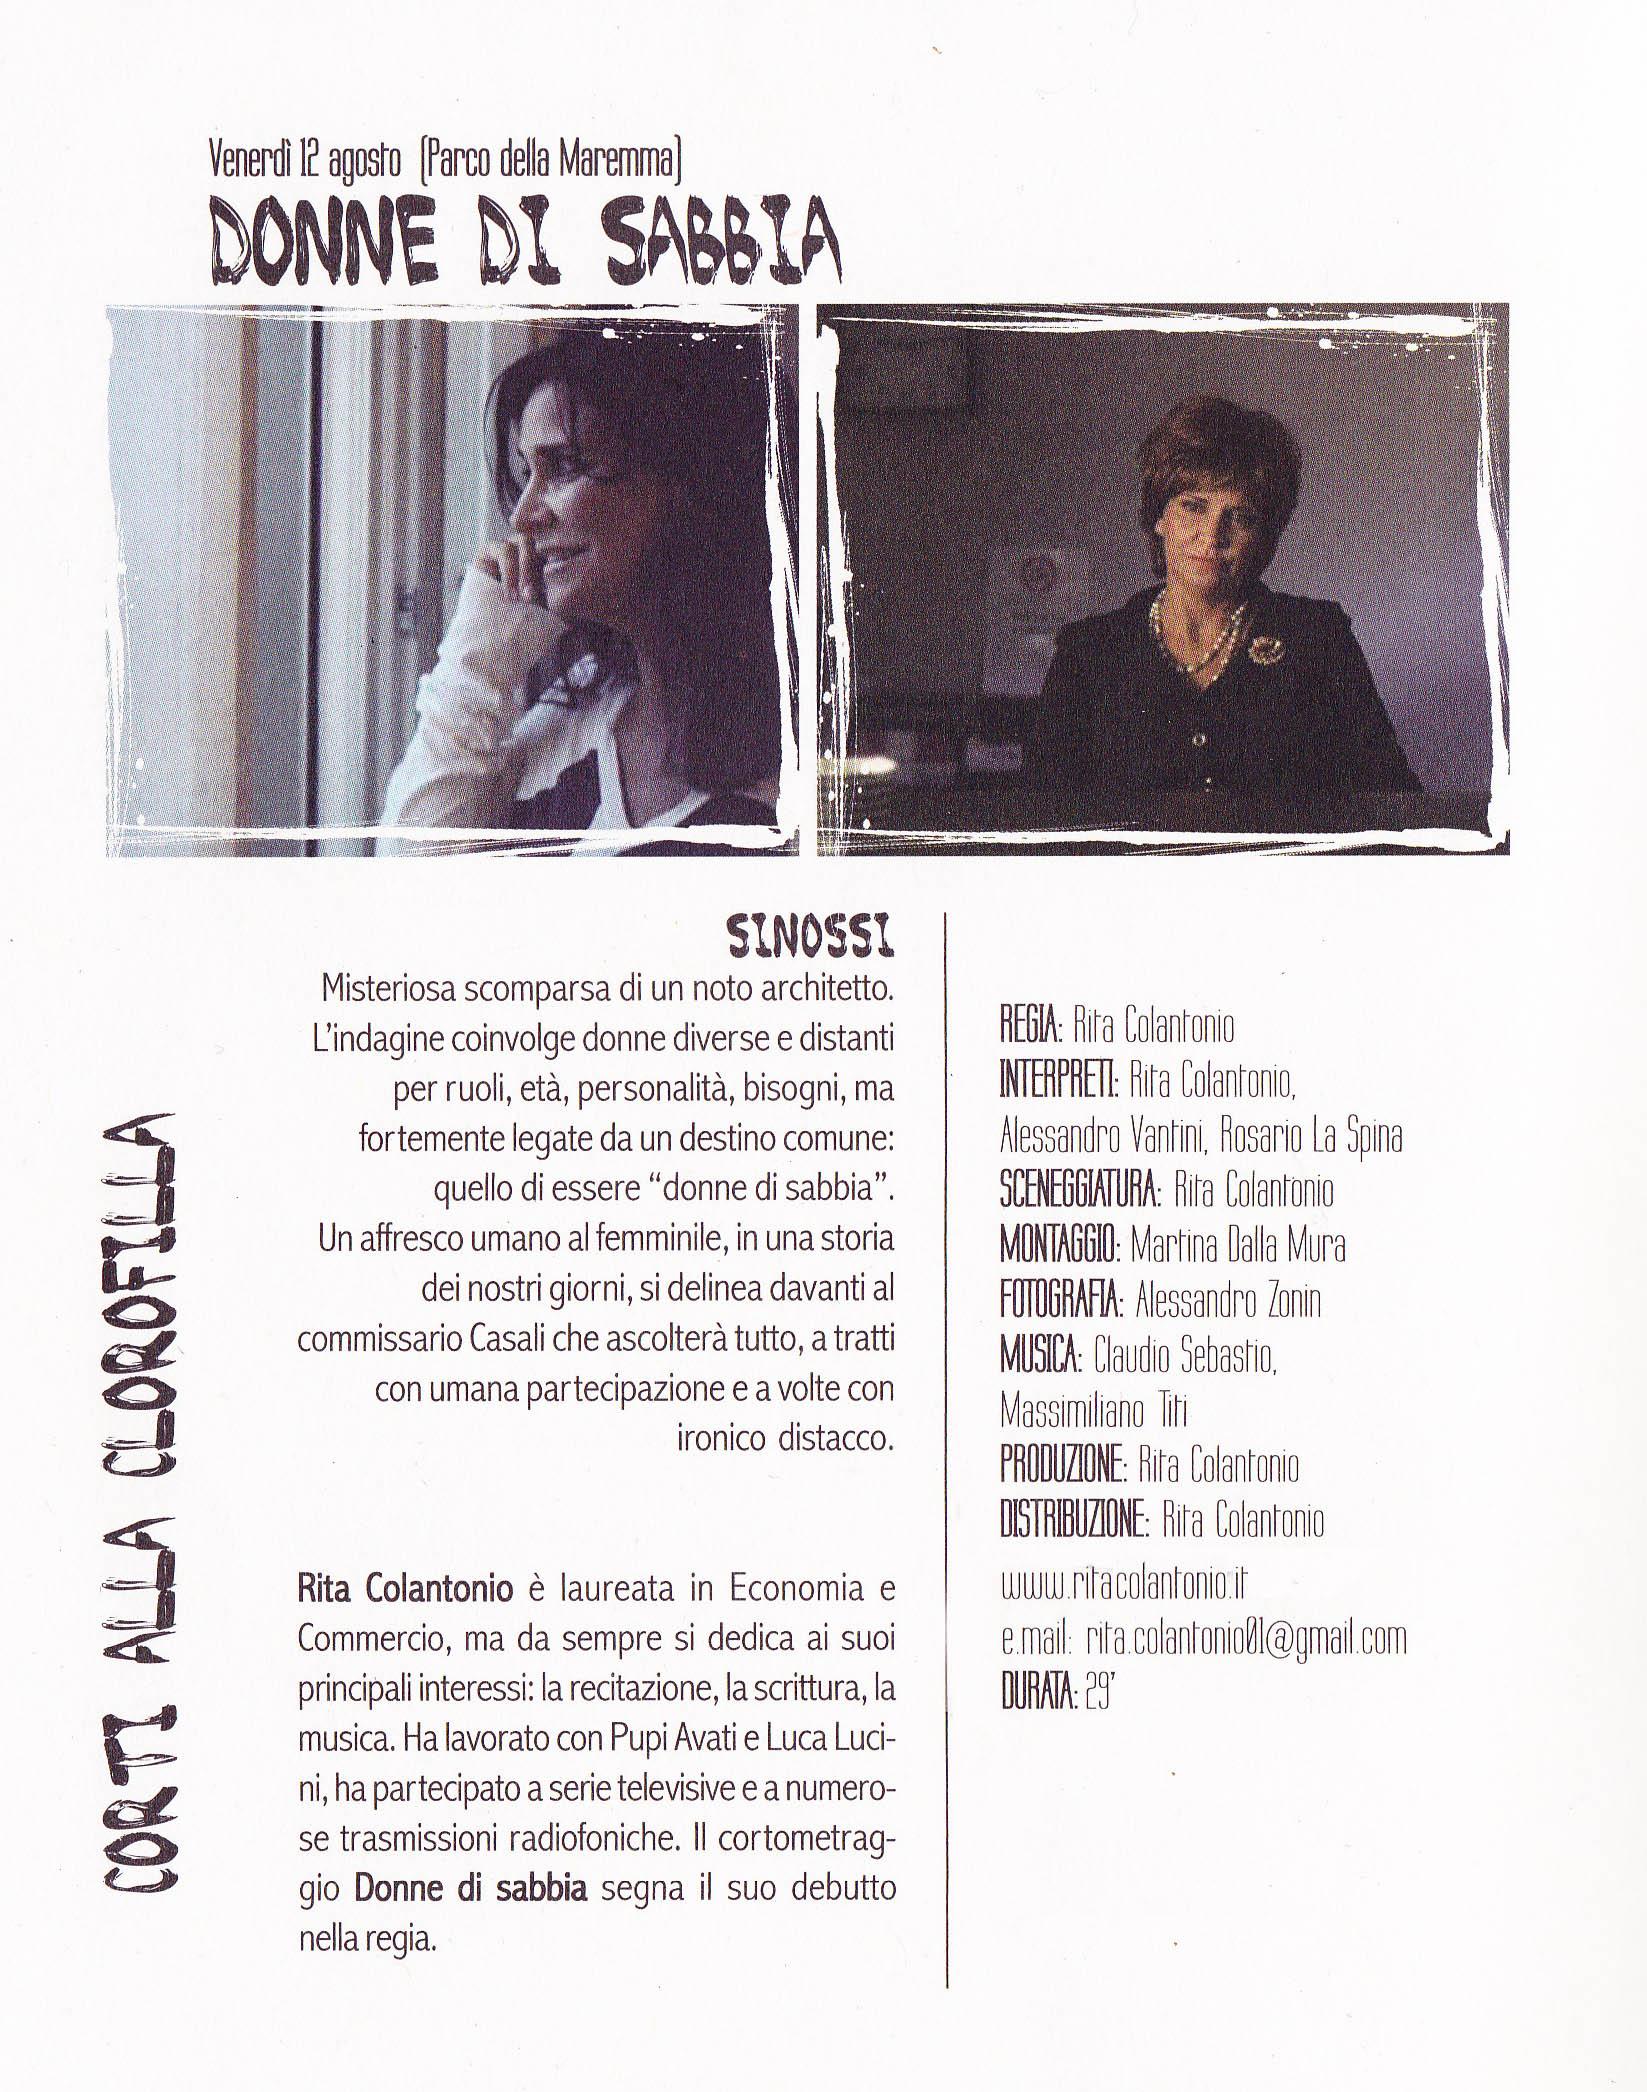 articolo Verona In su Donne di sabbia di Corinna Albolino_0001 MINI copia